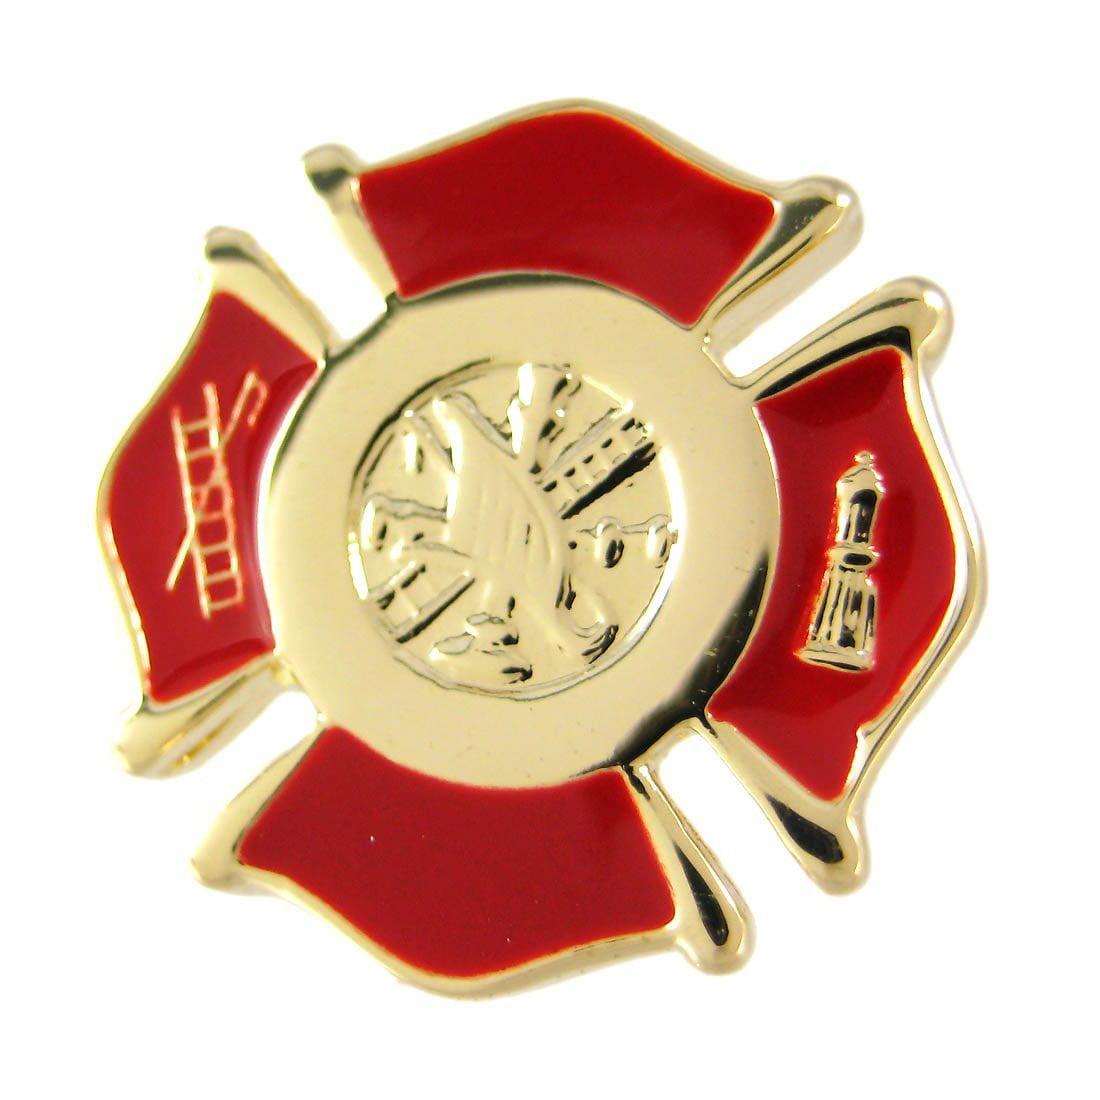 Gold Plated Firefighter Cufflinks Fire - image 1 de 4